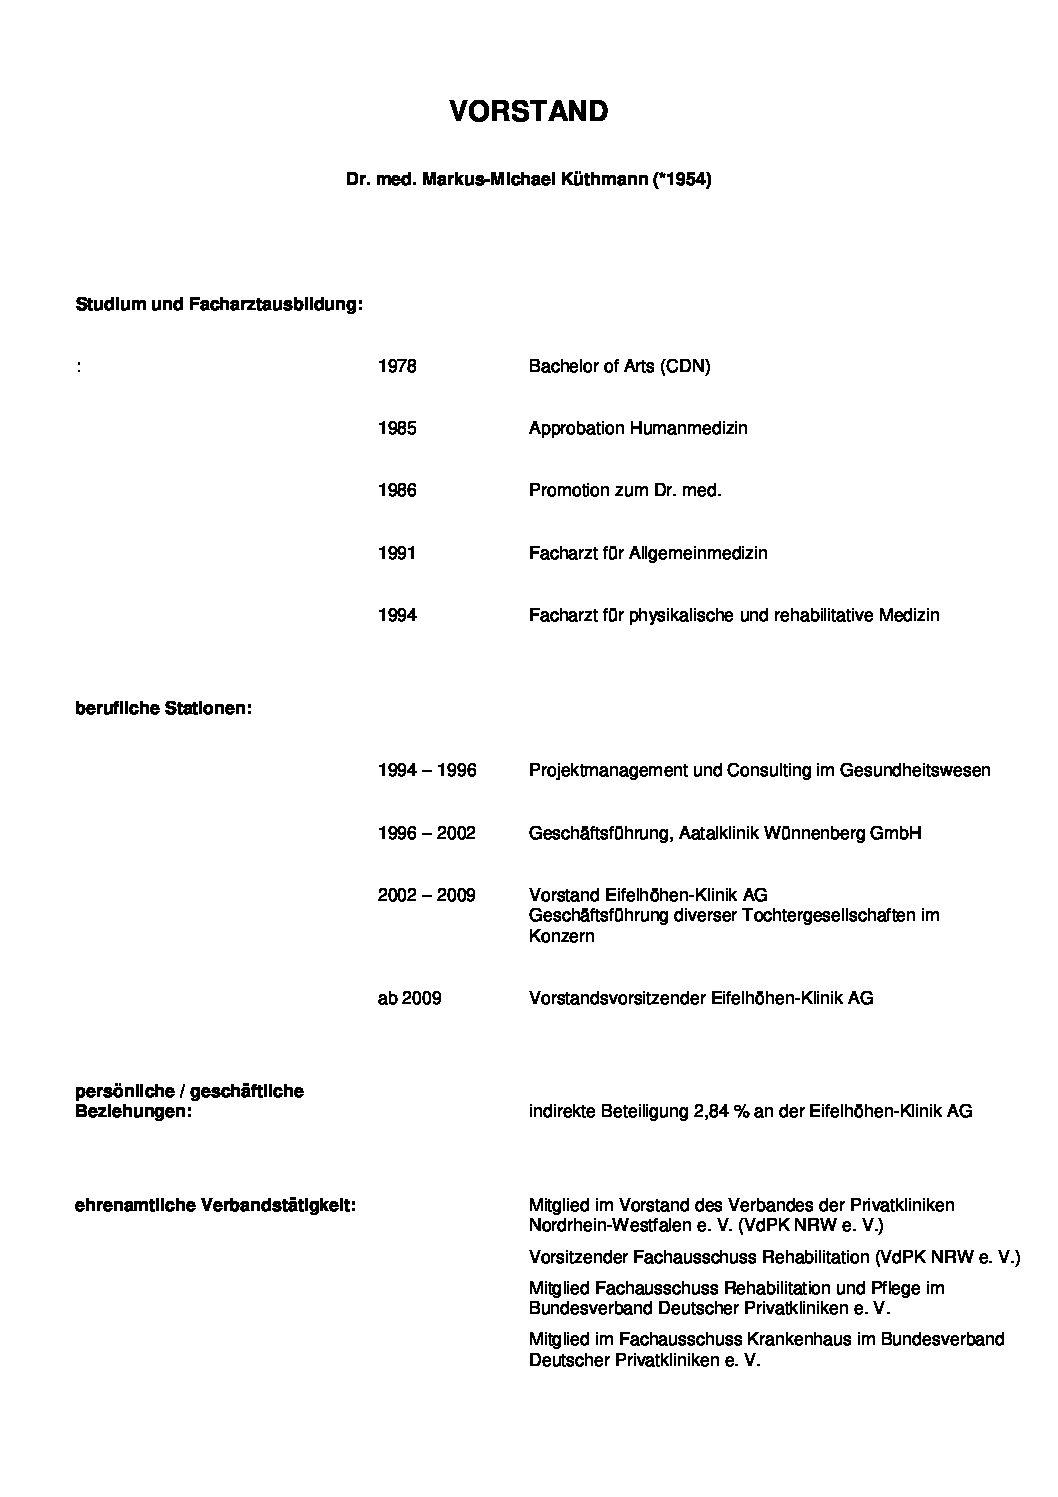 CV Dr. Küthmann